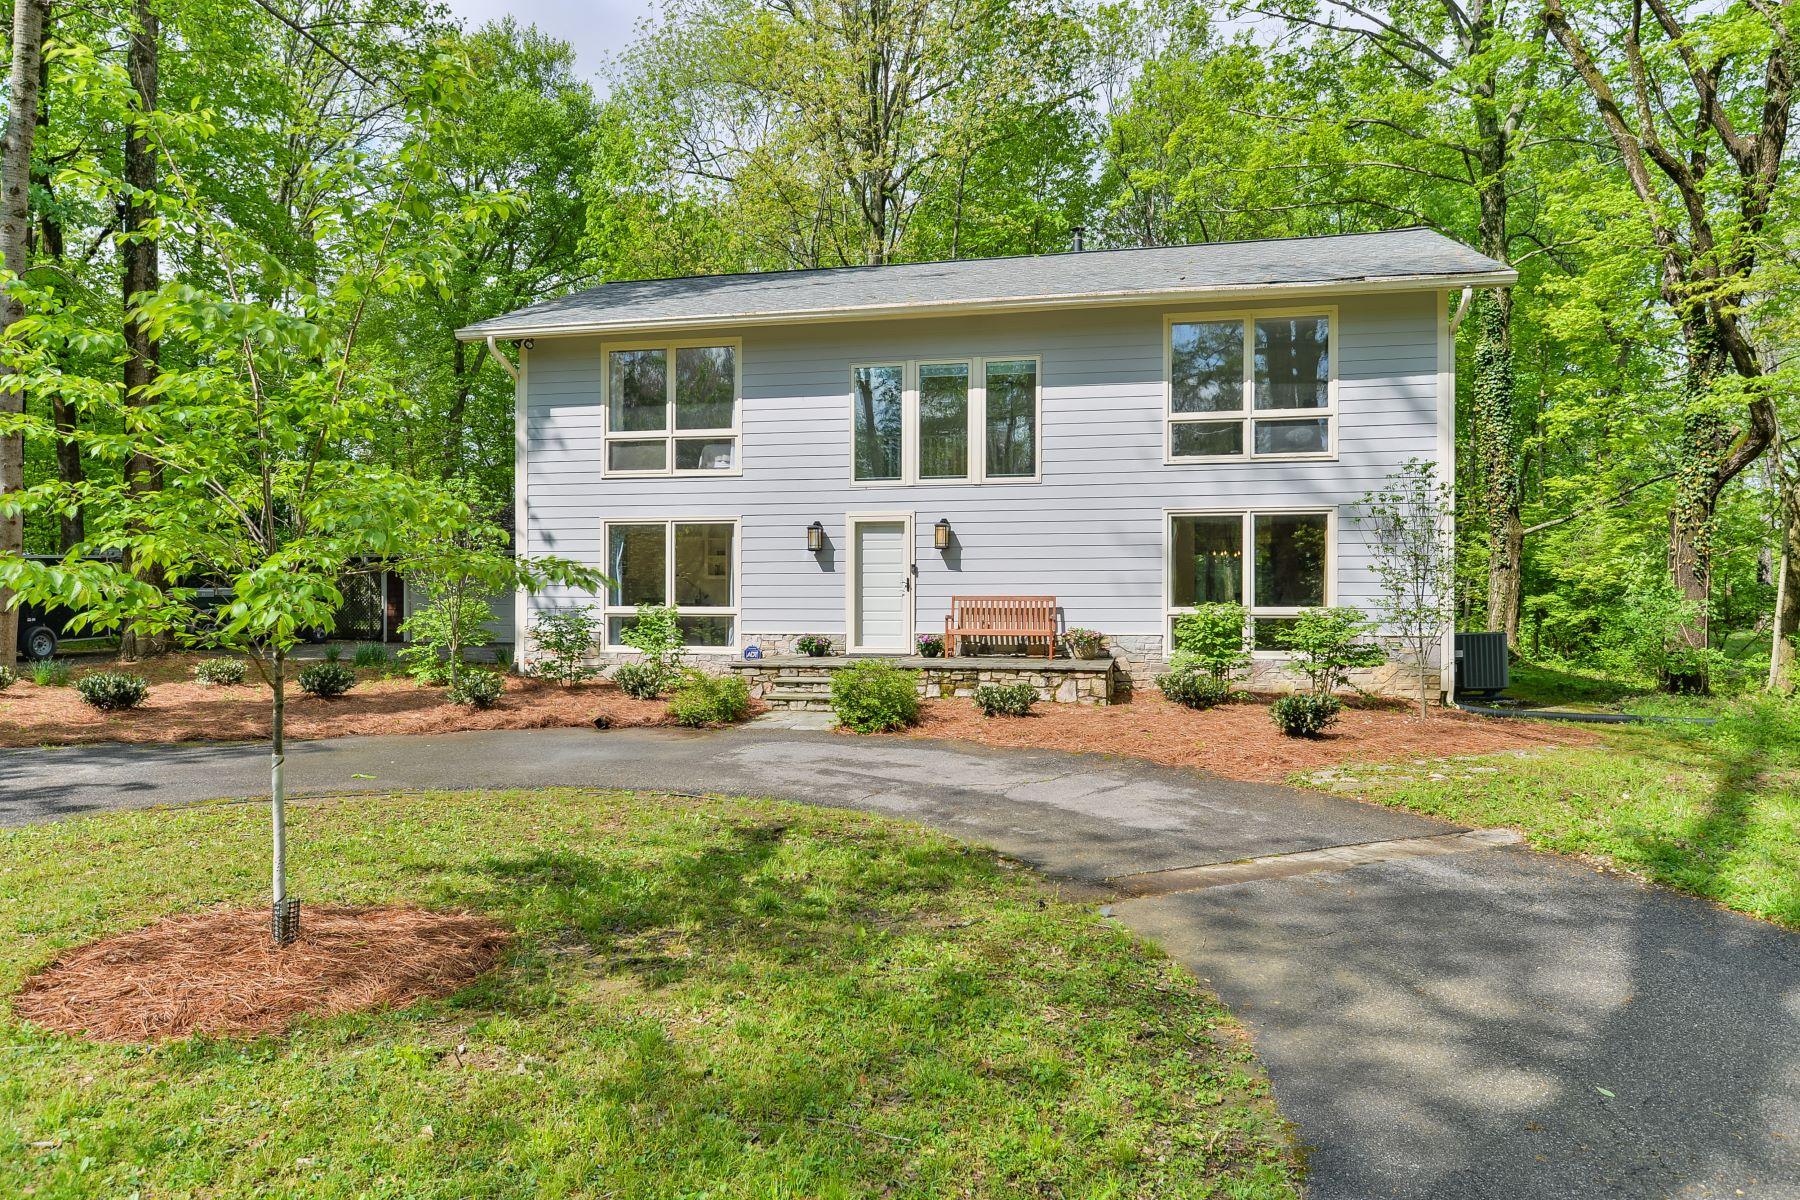 Частный односемейный дом для того Продажа на 800 Surrey Lane Anchorage, Кентукки 40223 Соединенные Штаты